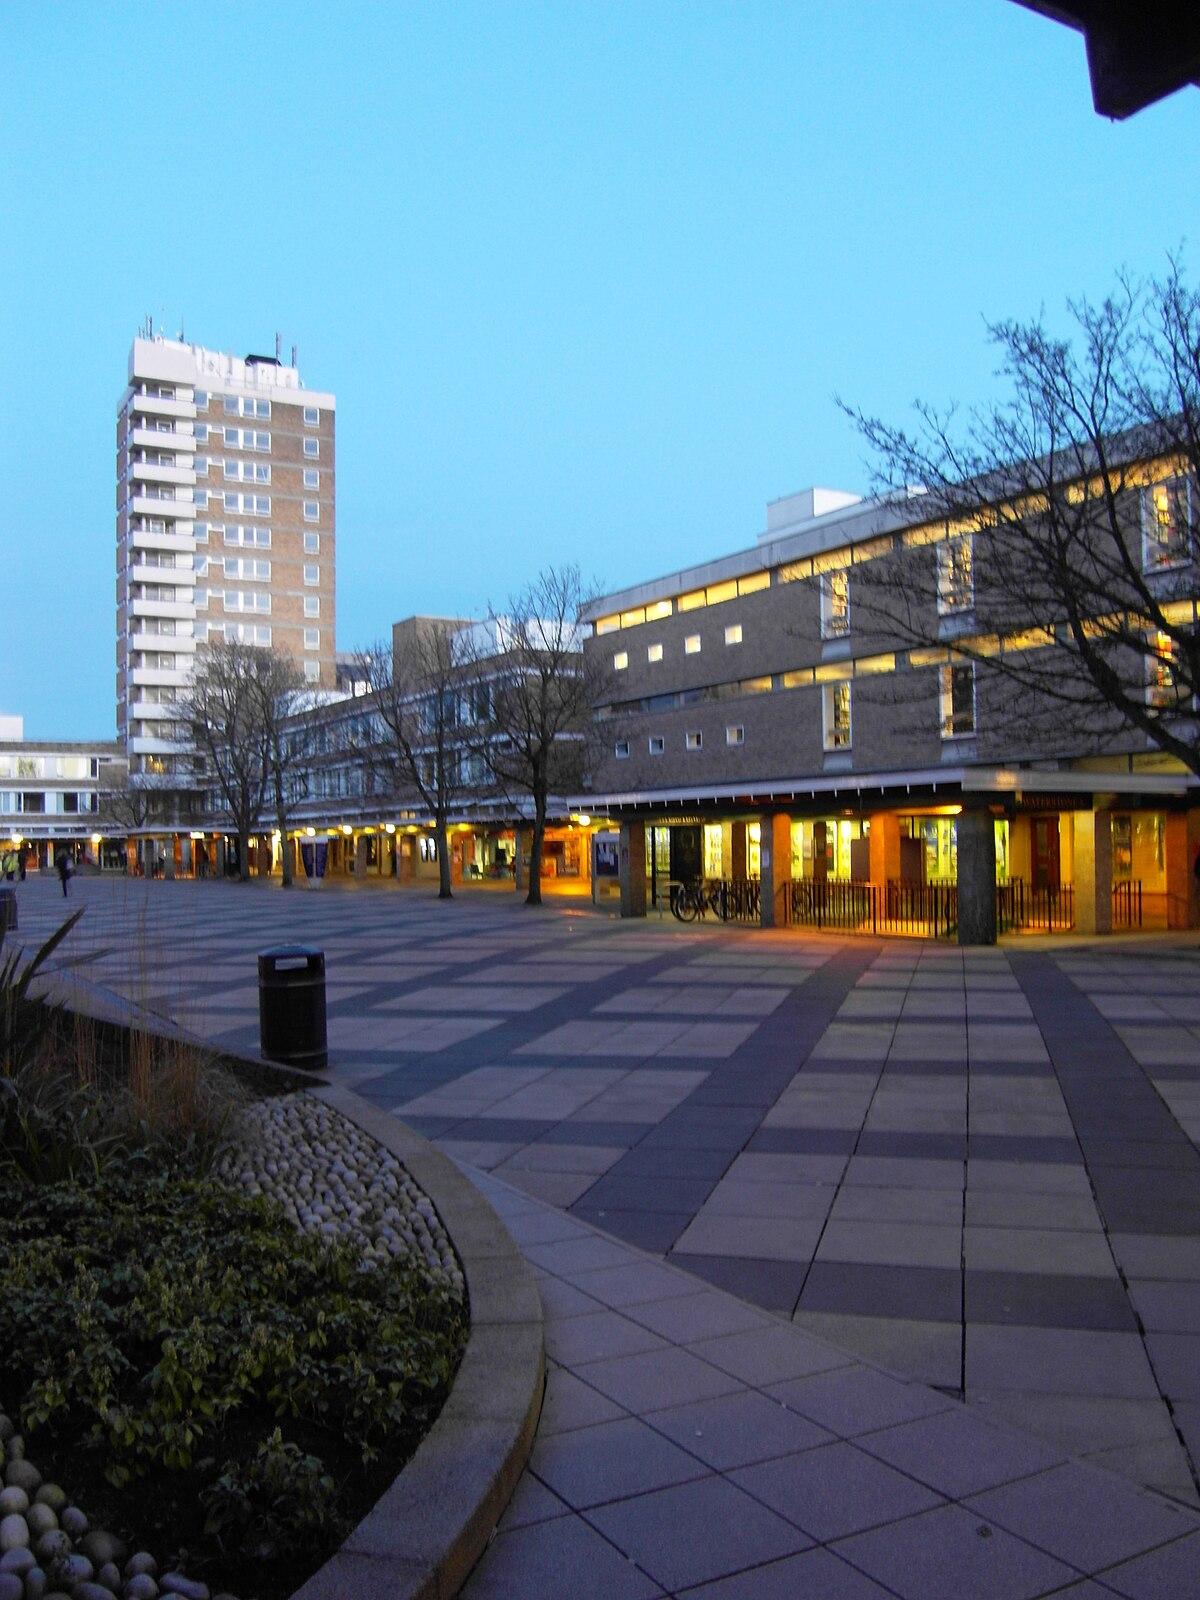 Siti di incontri di Coventry